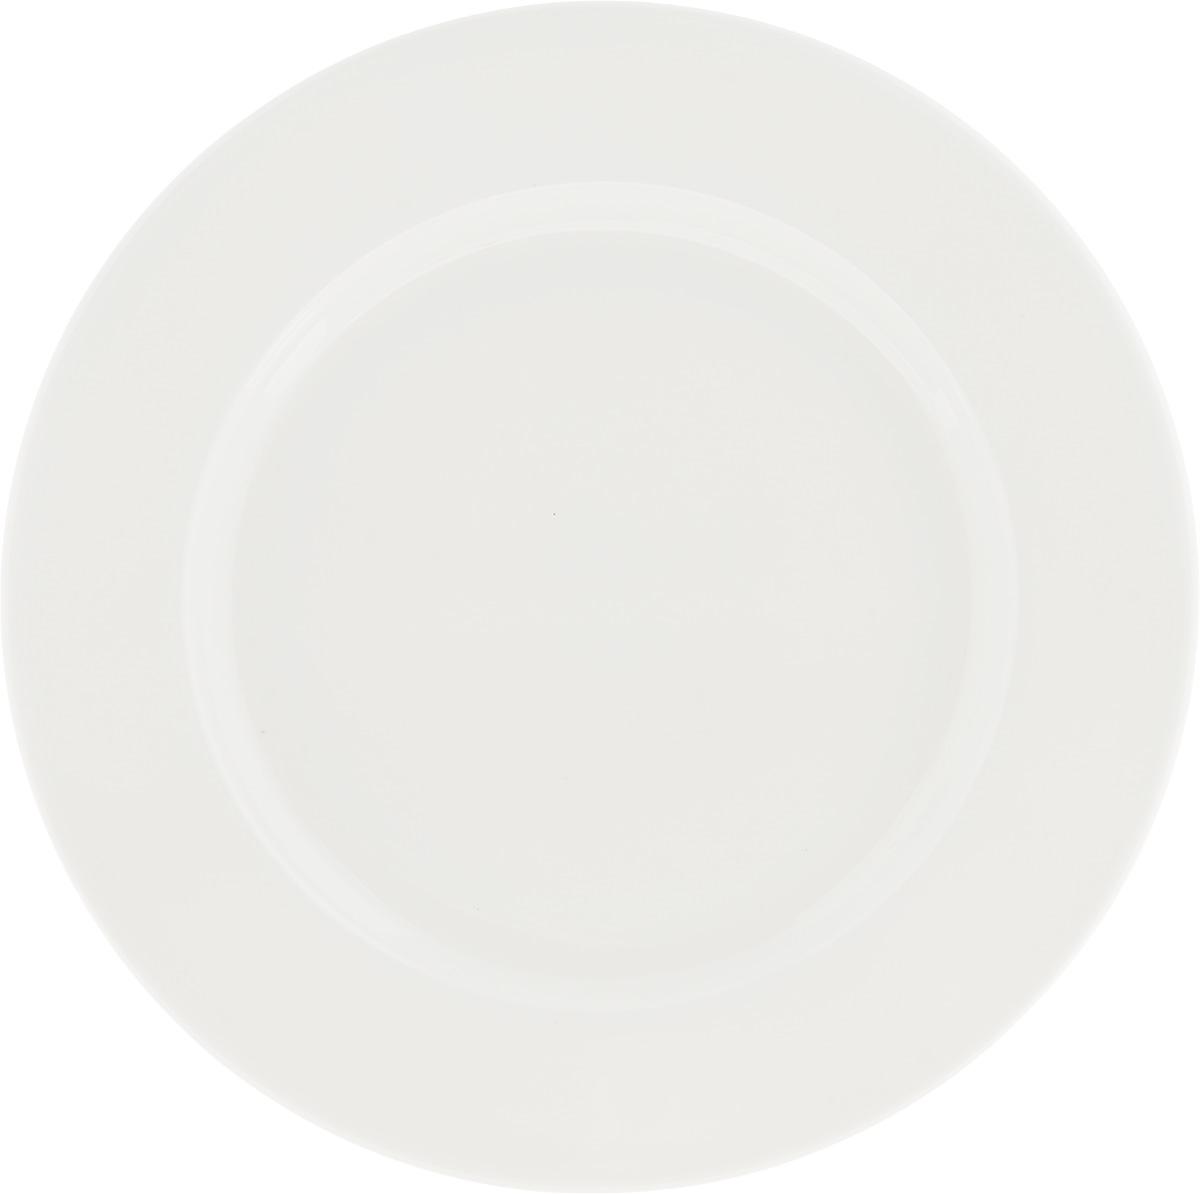 Тарелка Ariane Прайм, диаметр 19 см22600590Оригинальная тарелка Ariane Прайм изготовлена из высококачественного фарфора с глазурованным покрытием. Изделие круглой формы идеально подходит для сервировки закусок и других блюд. Такая тарелка прекрасно впишется в интерьер вашей кухни и станет достойным дополнением к кухонному инвентарю. Можно мыть в посудомоечной машине и использовать в микроволновой печи. Диаметр тарелки (по верхнему краю): 19 см.